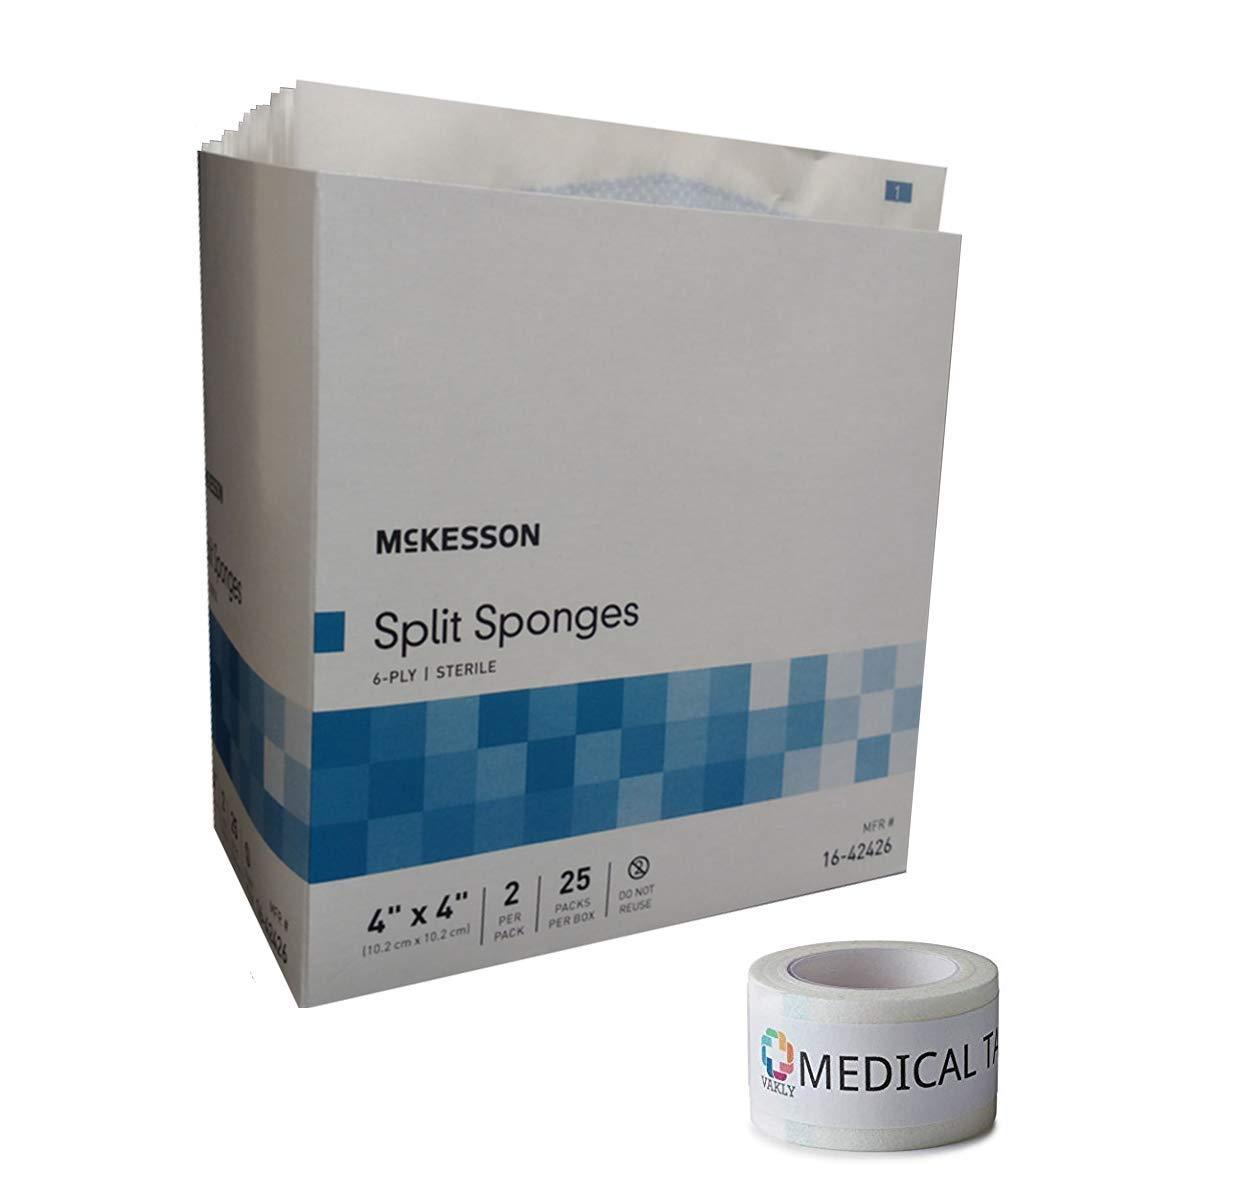 Sterile 4''X4'' 6 Ply Split Drain Sponge 25 Packs of 2 + 1 Roll of Vakly Medical Tape (1)